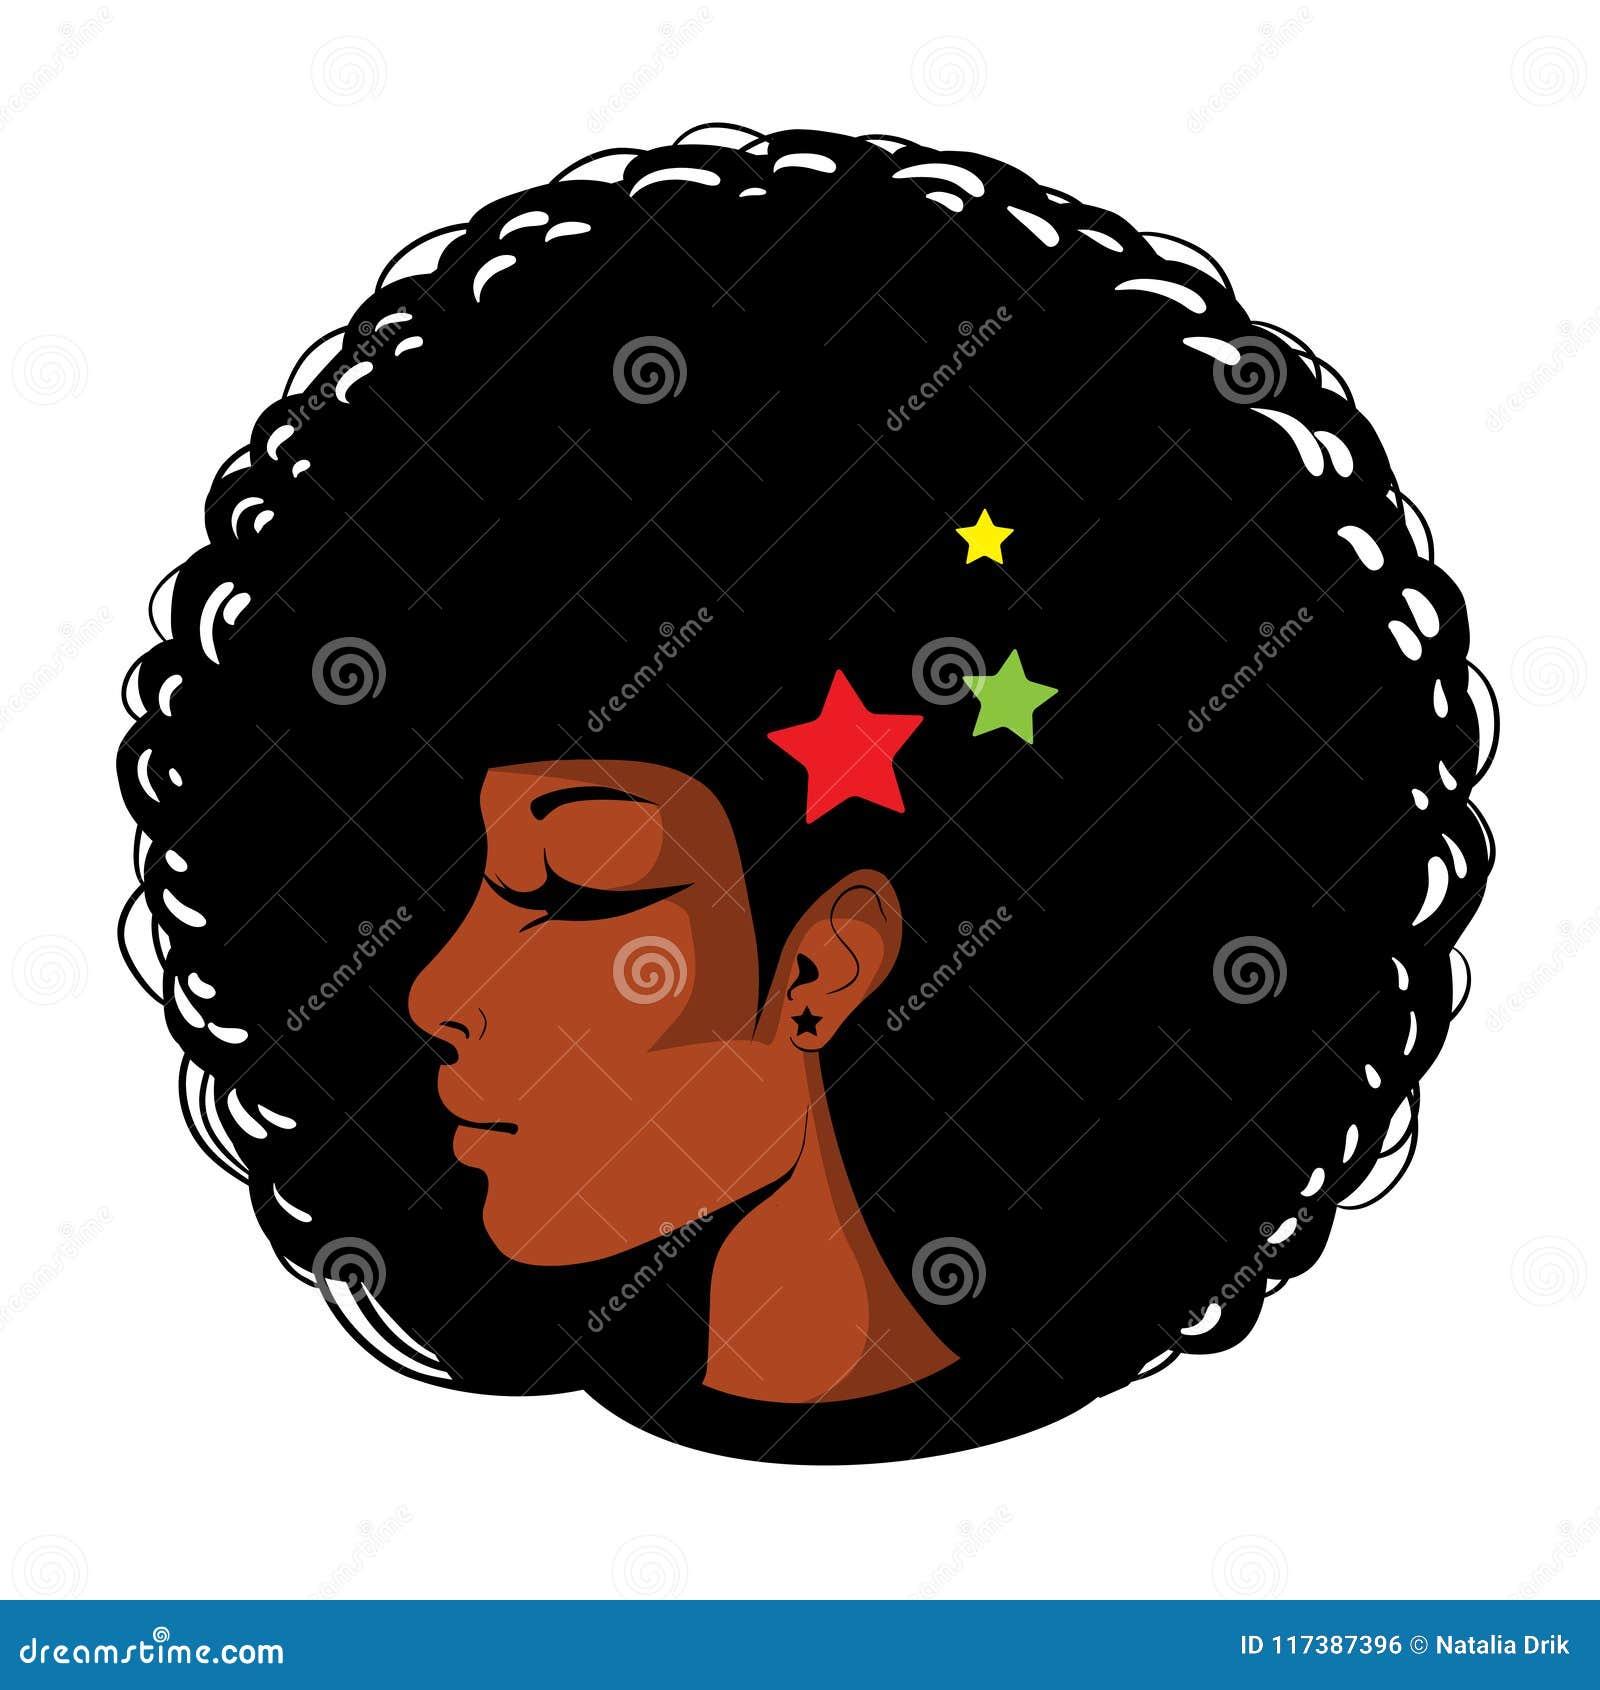 Ljus illustration för vektor i popkonst, afro amerikansk kvinnlig framsida Sexig kvinnaprofil med stängda ögon, afro frisyr in